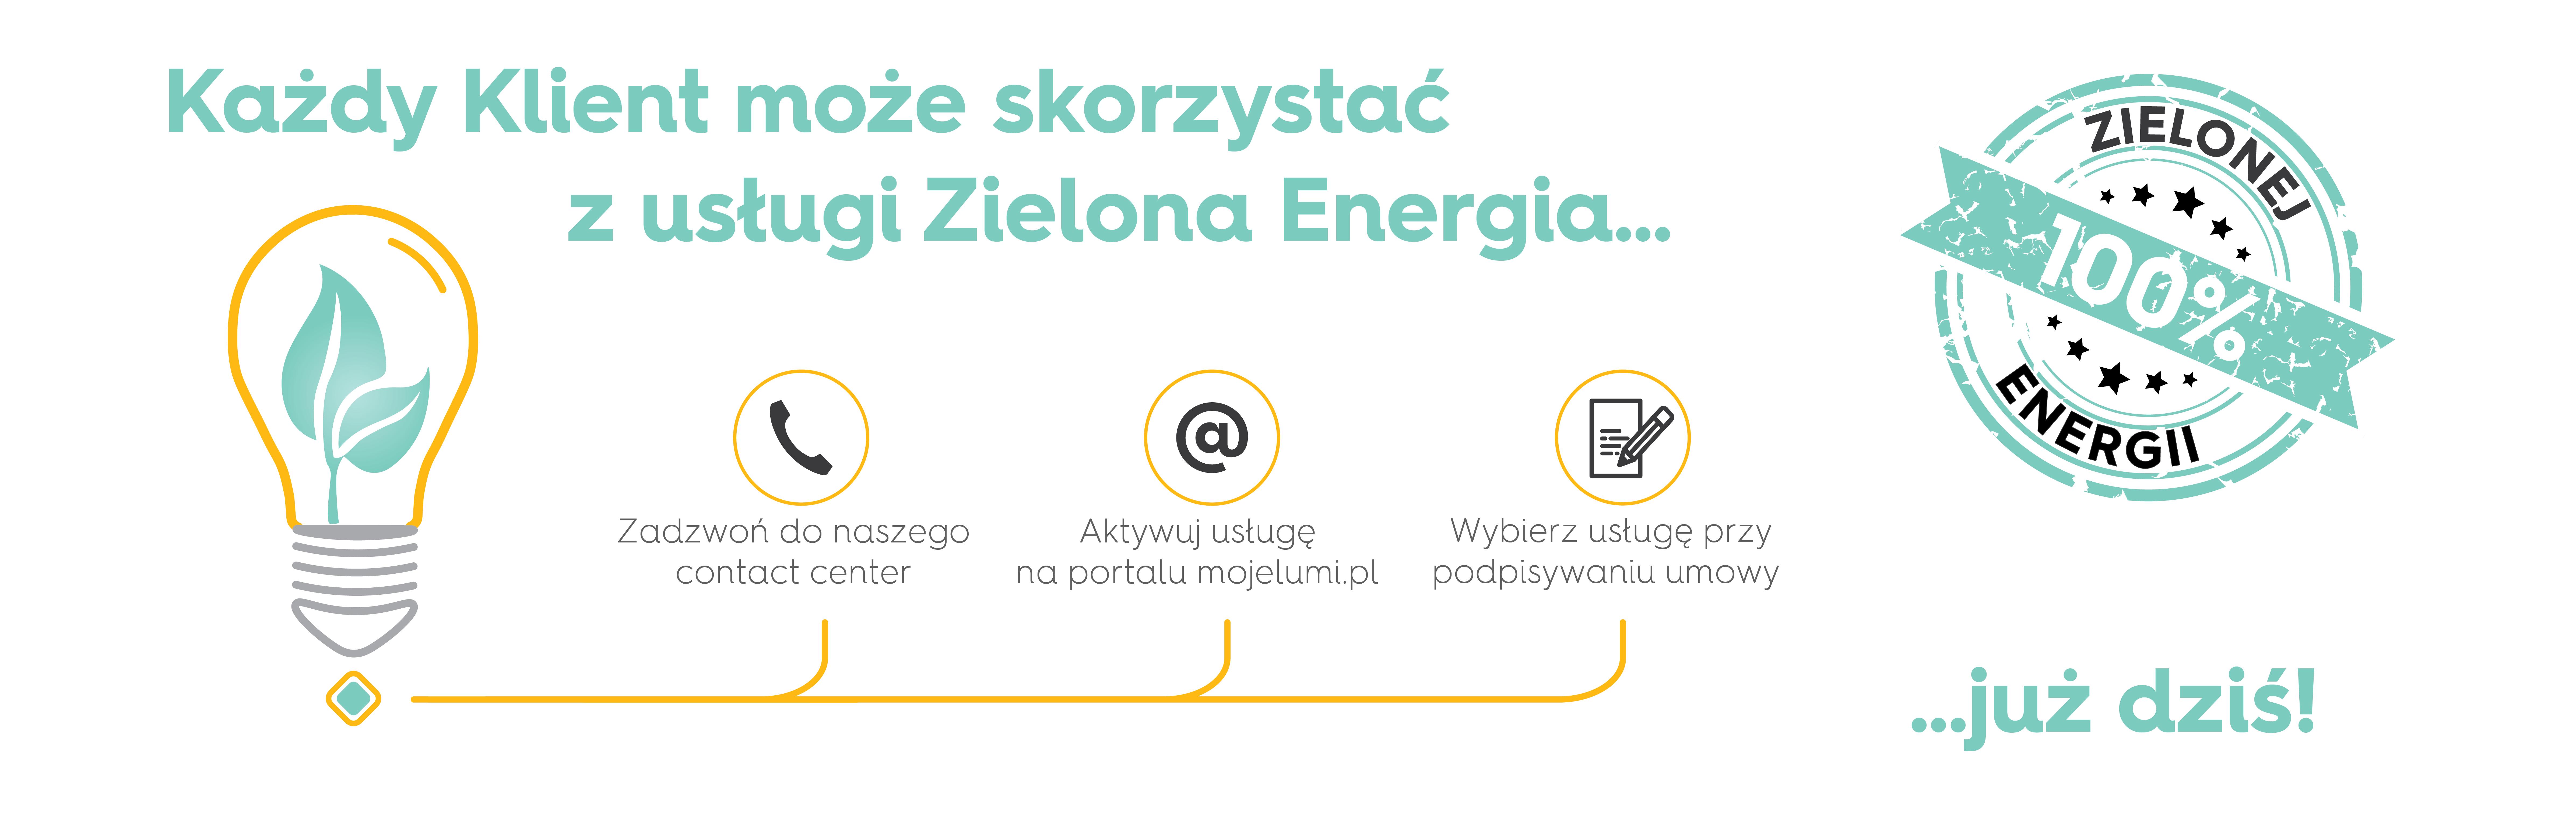 zielona-energia-jak-wlaczyc-bez-bok_obszar-roboczy-1.png